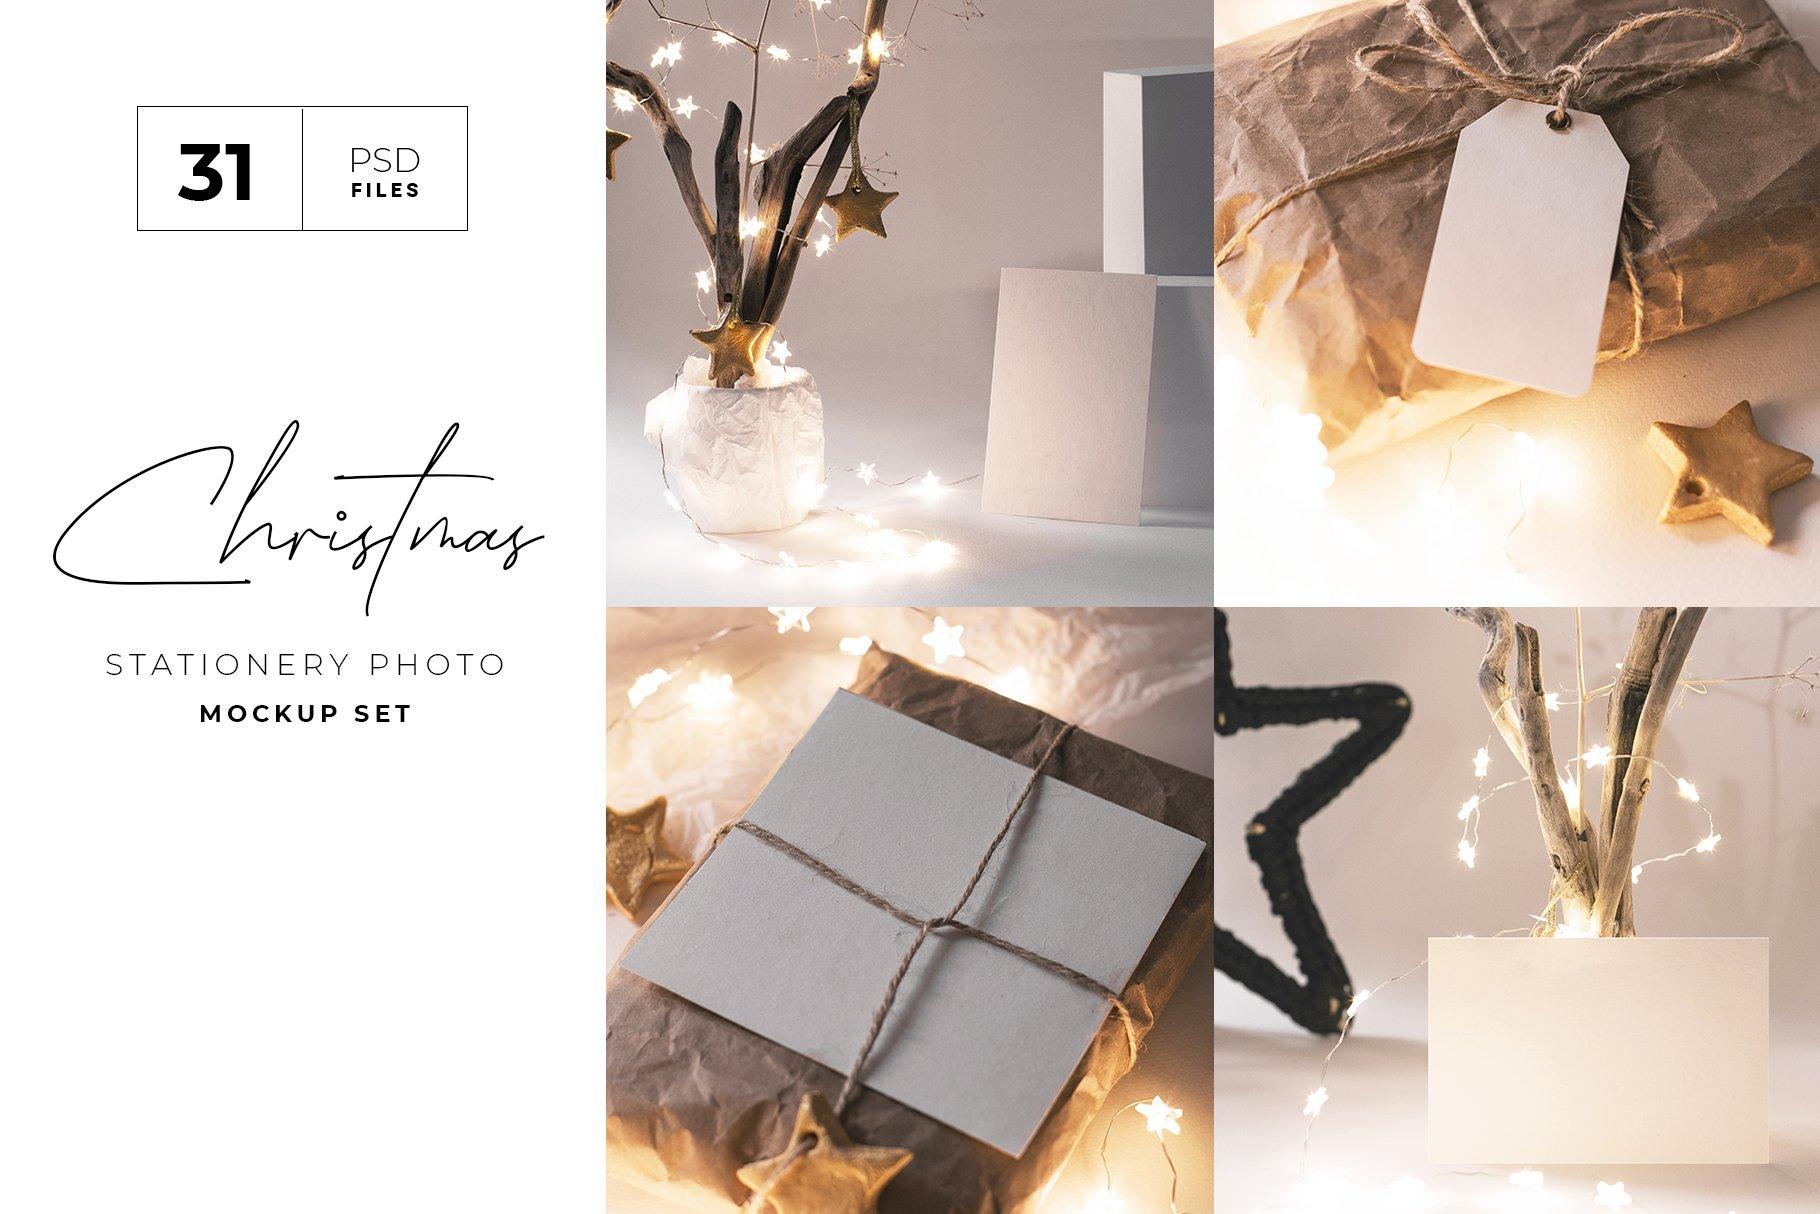 31款圣诞节主题礼品卡标签办公用品样机合集 Christmas Stationery Mockup Set插图